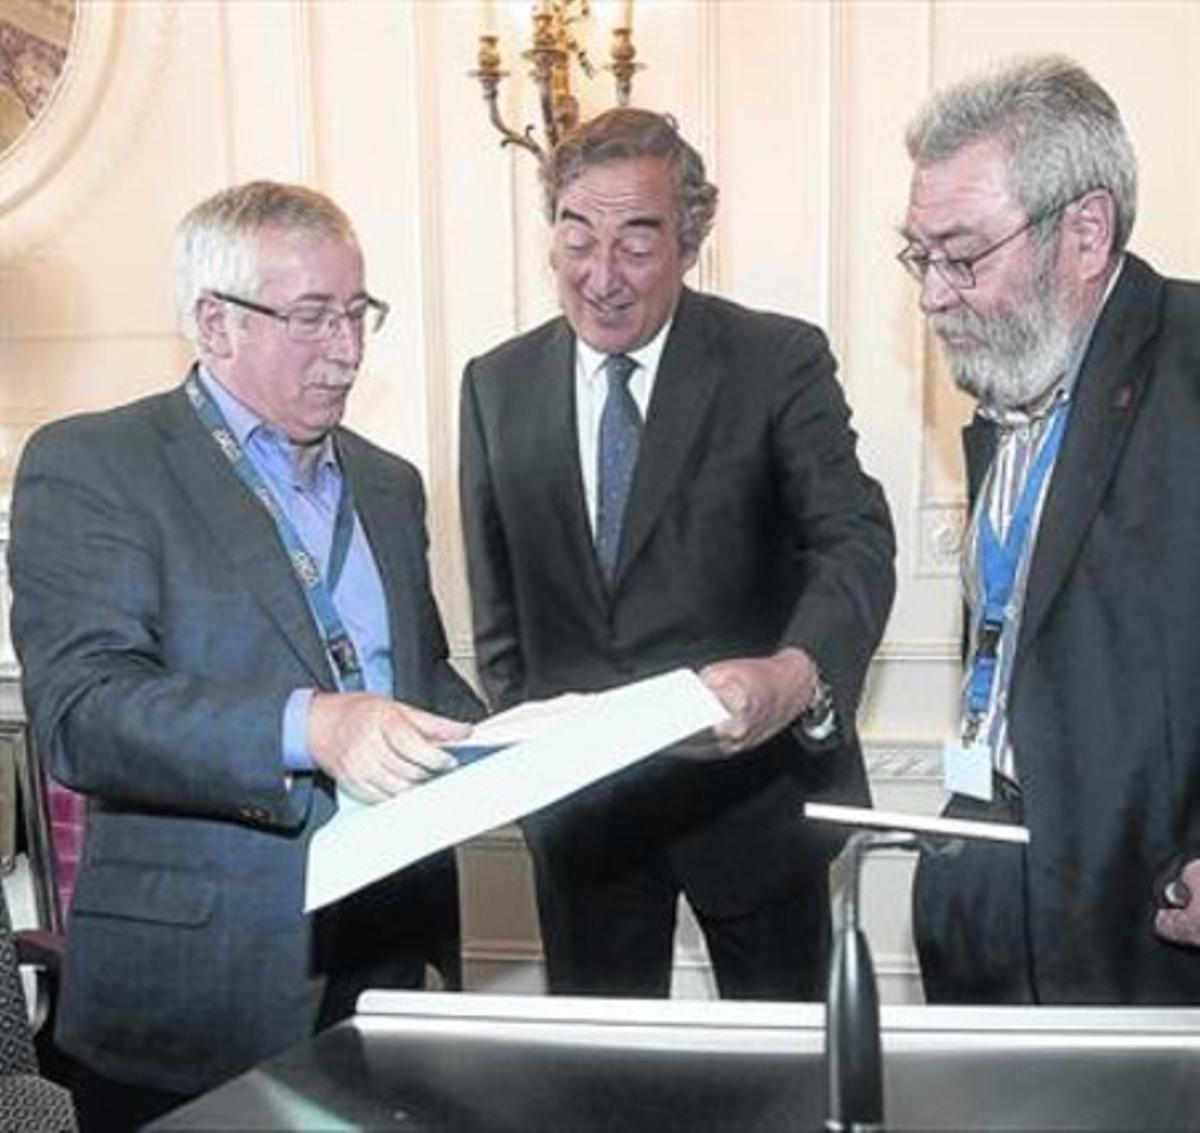 Fernández Toxo, Rosell y Méndez, durante un encuentro en un seminario.